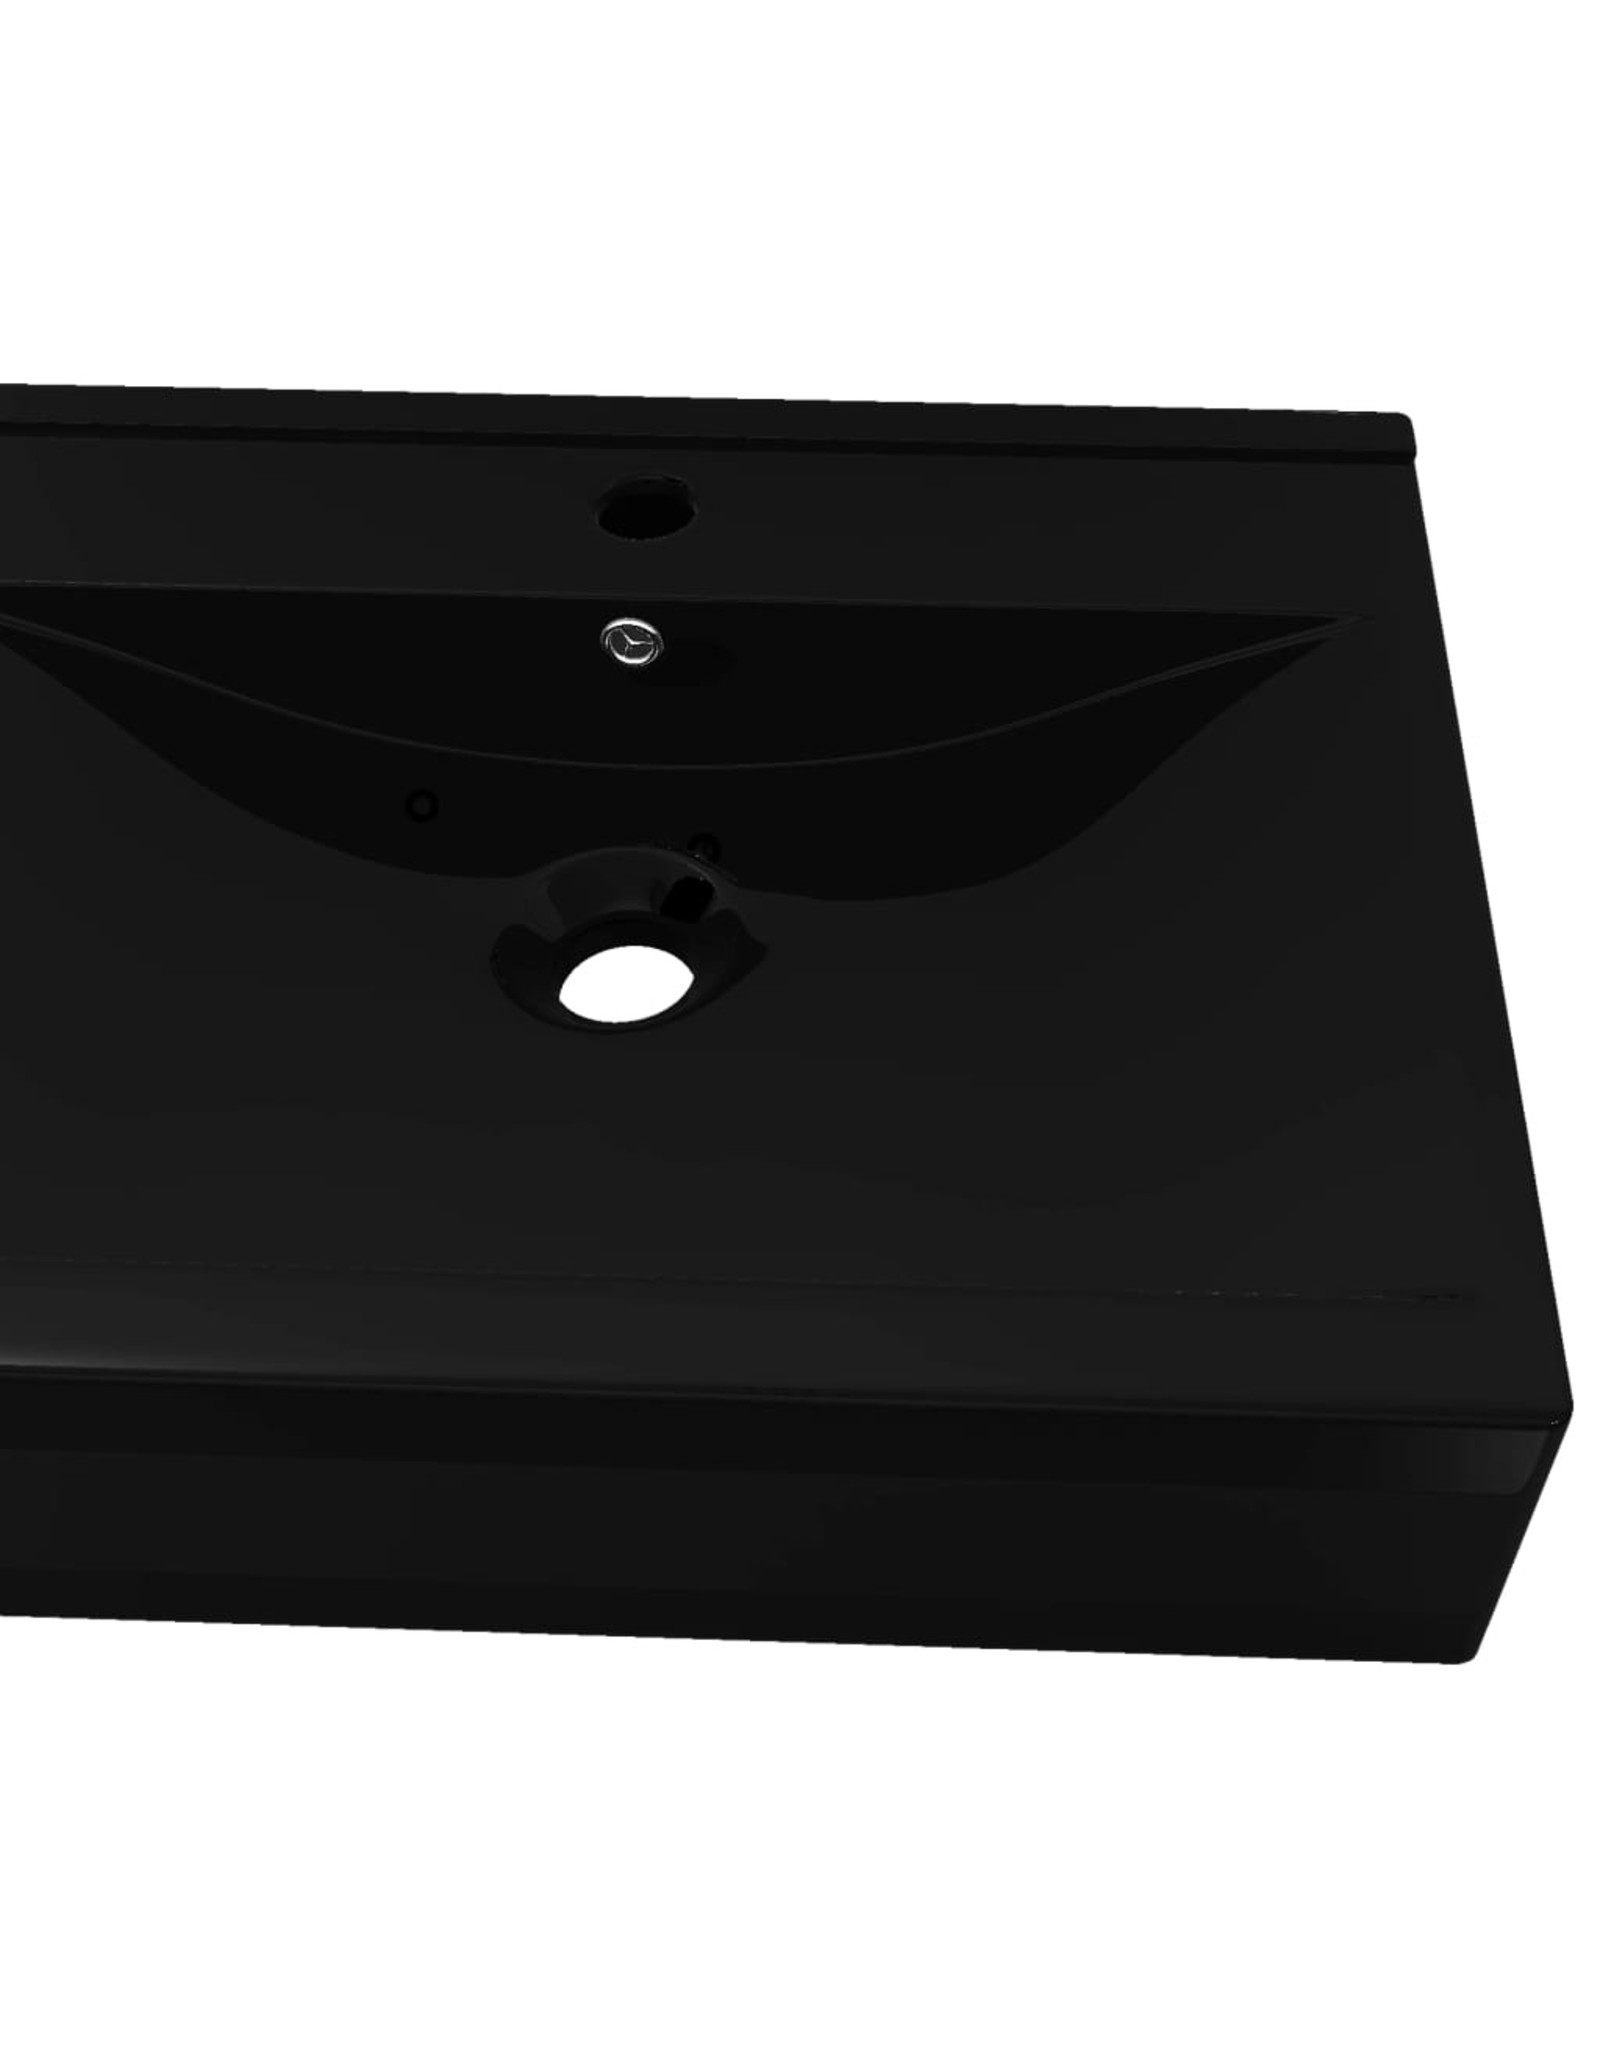 Luxe wastafel met kraangat zwart rechthoekig keramiek 60x46 cm